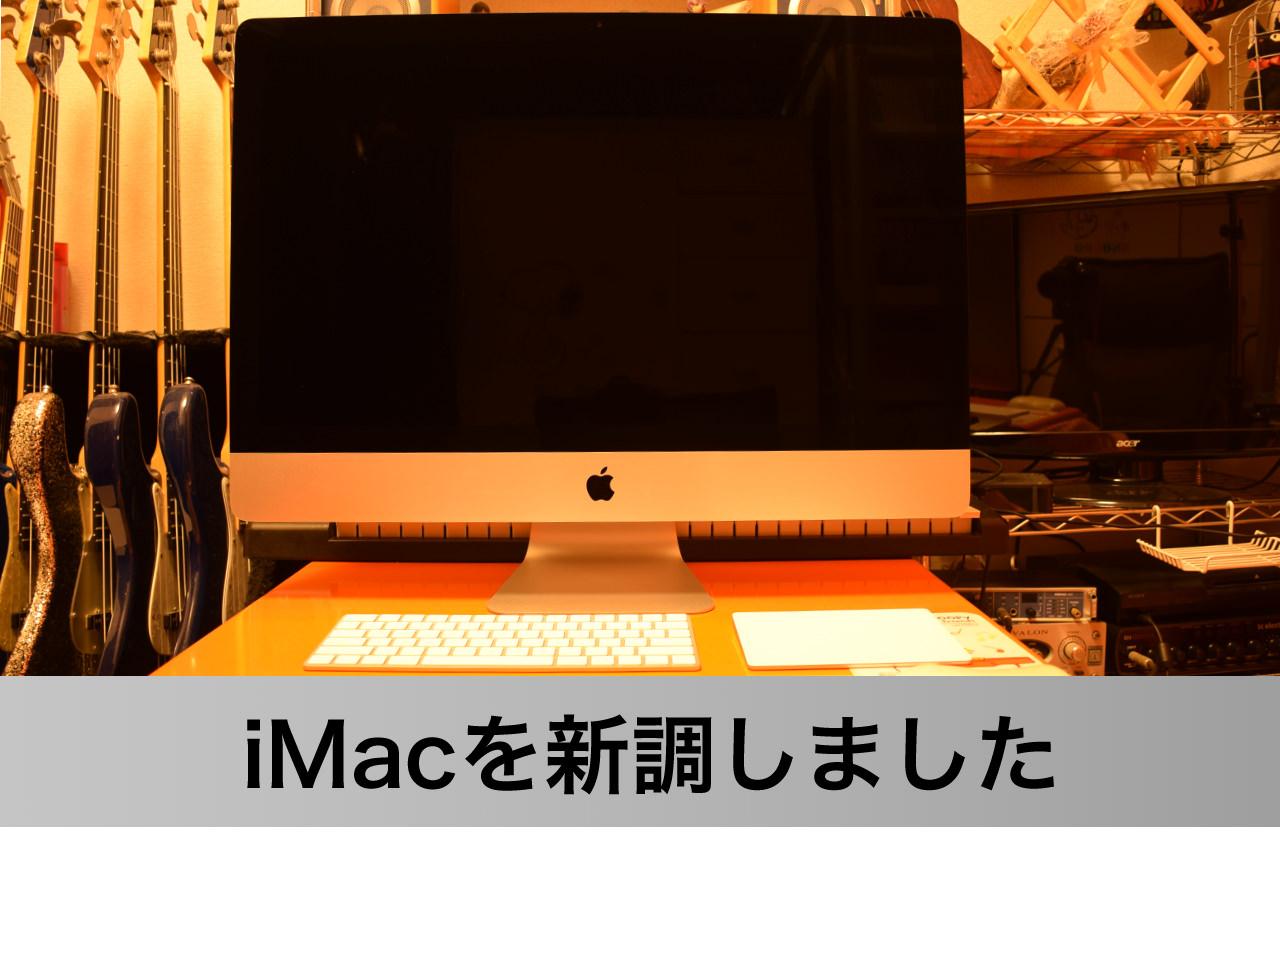 iMac2010年モデルが故障しました